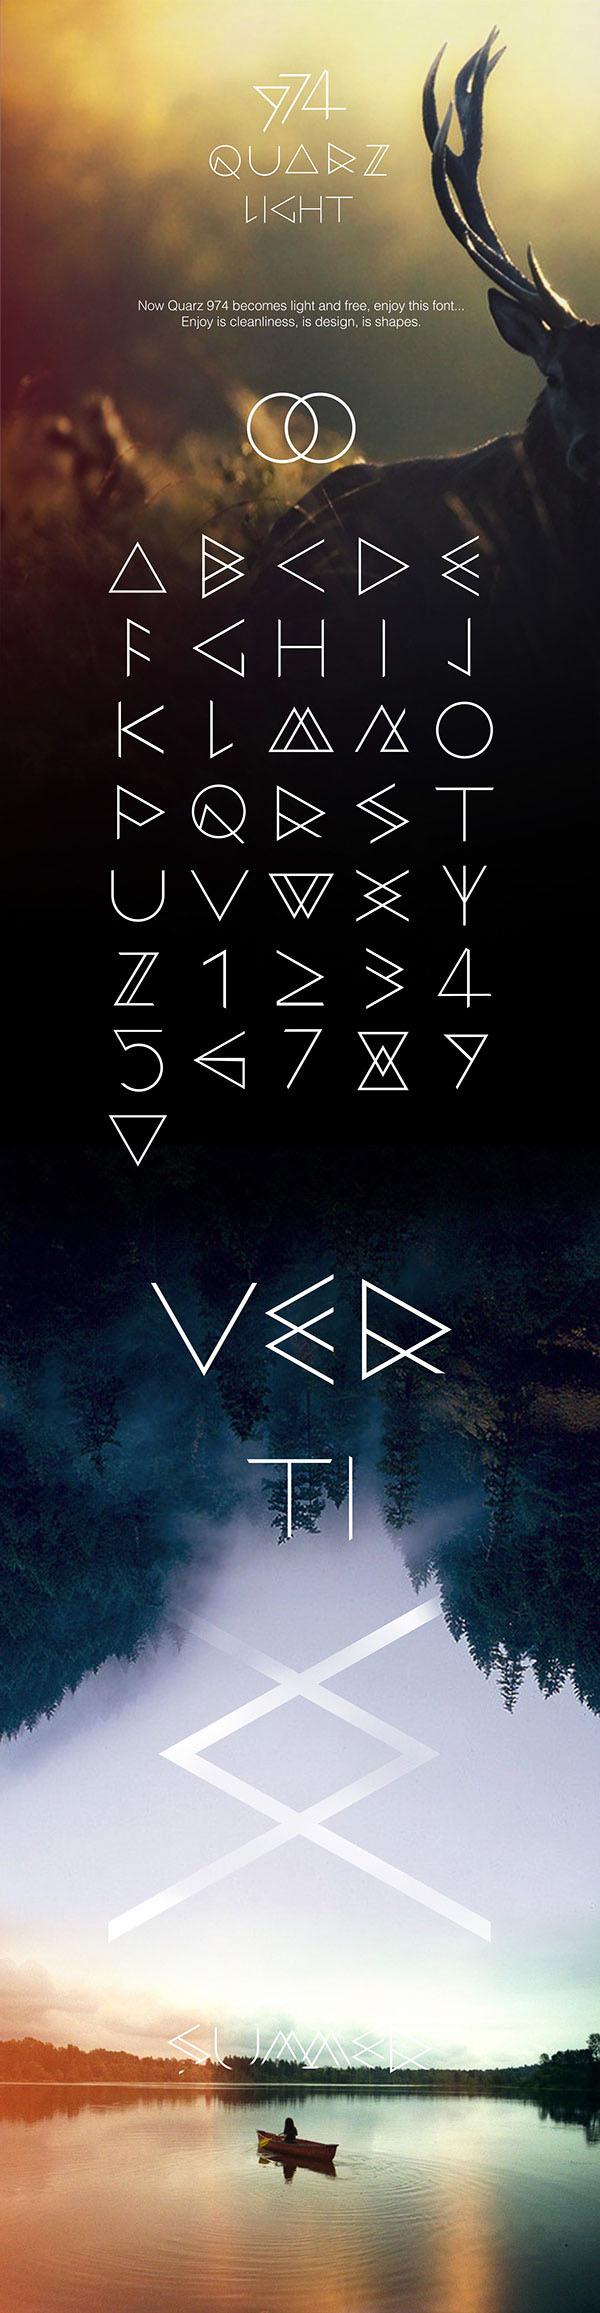 以几何线条和三角形为基础的字体设计